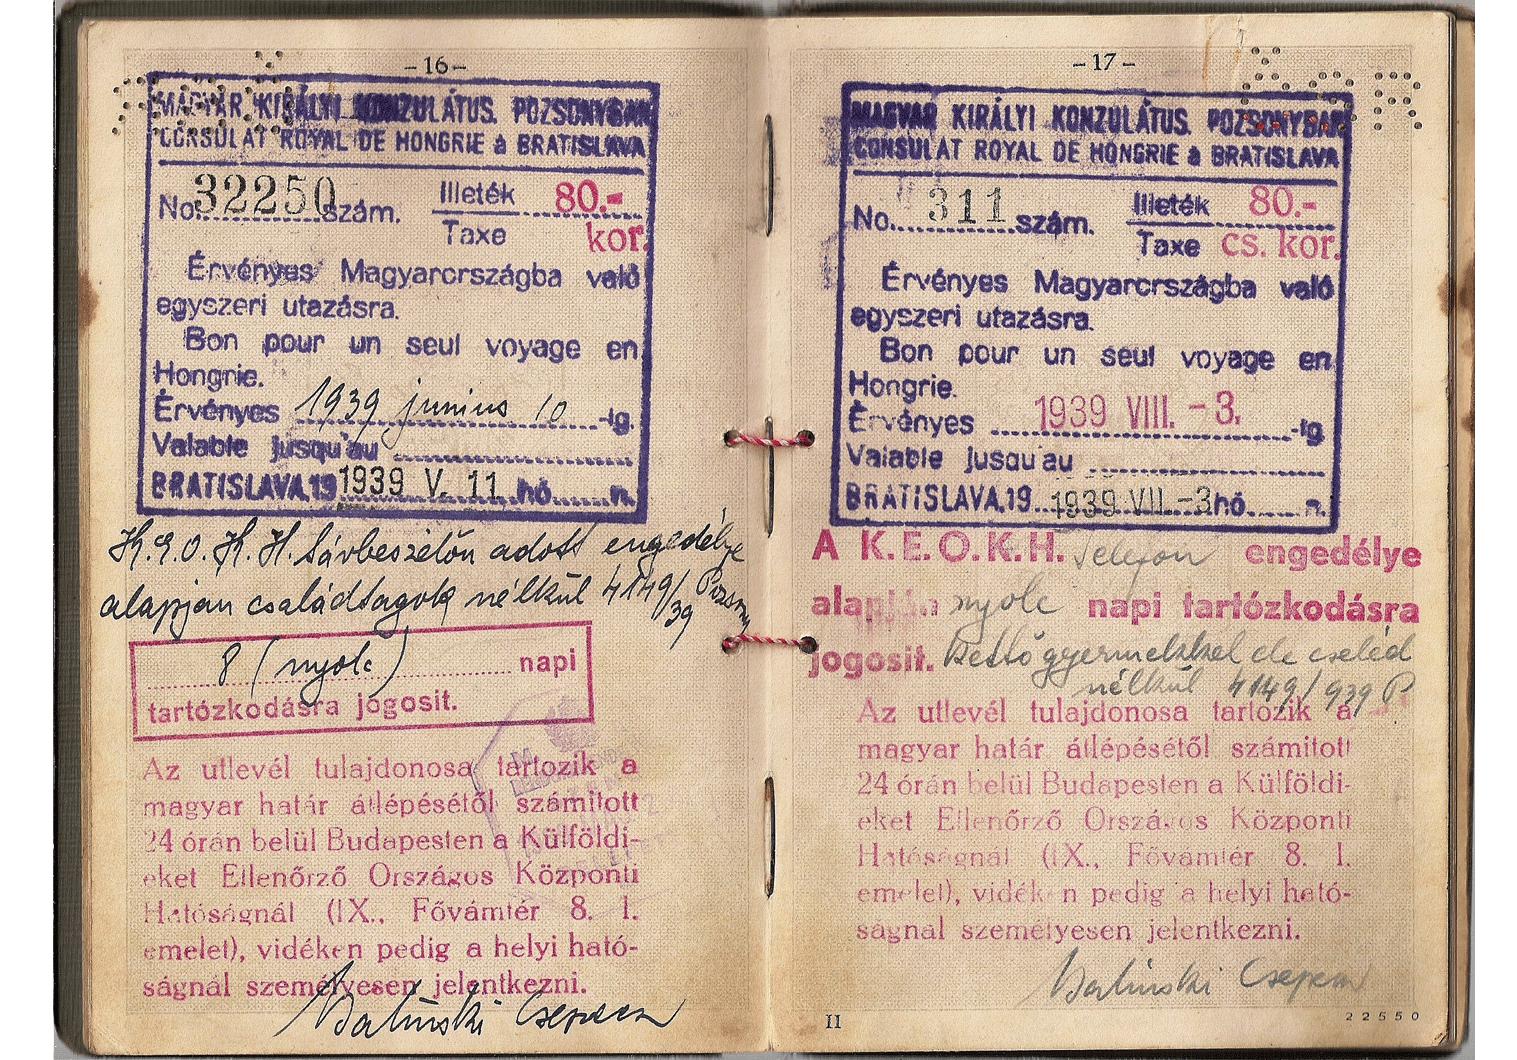 WW2 Hungarian visa